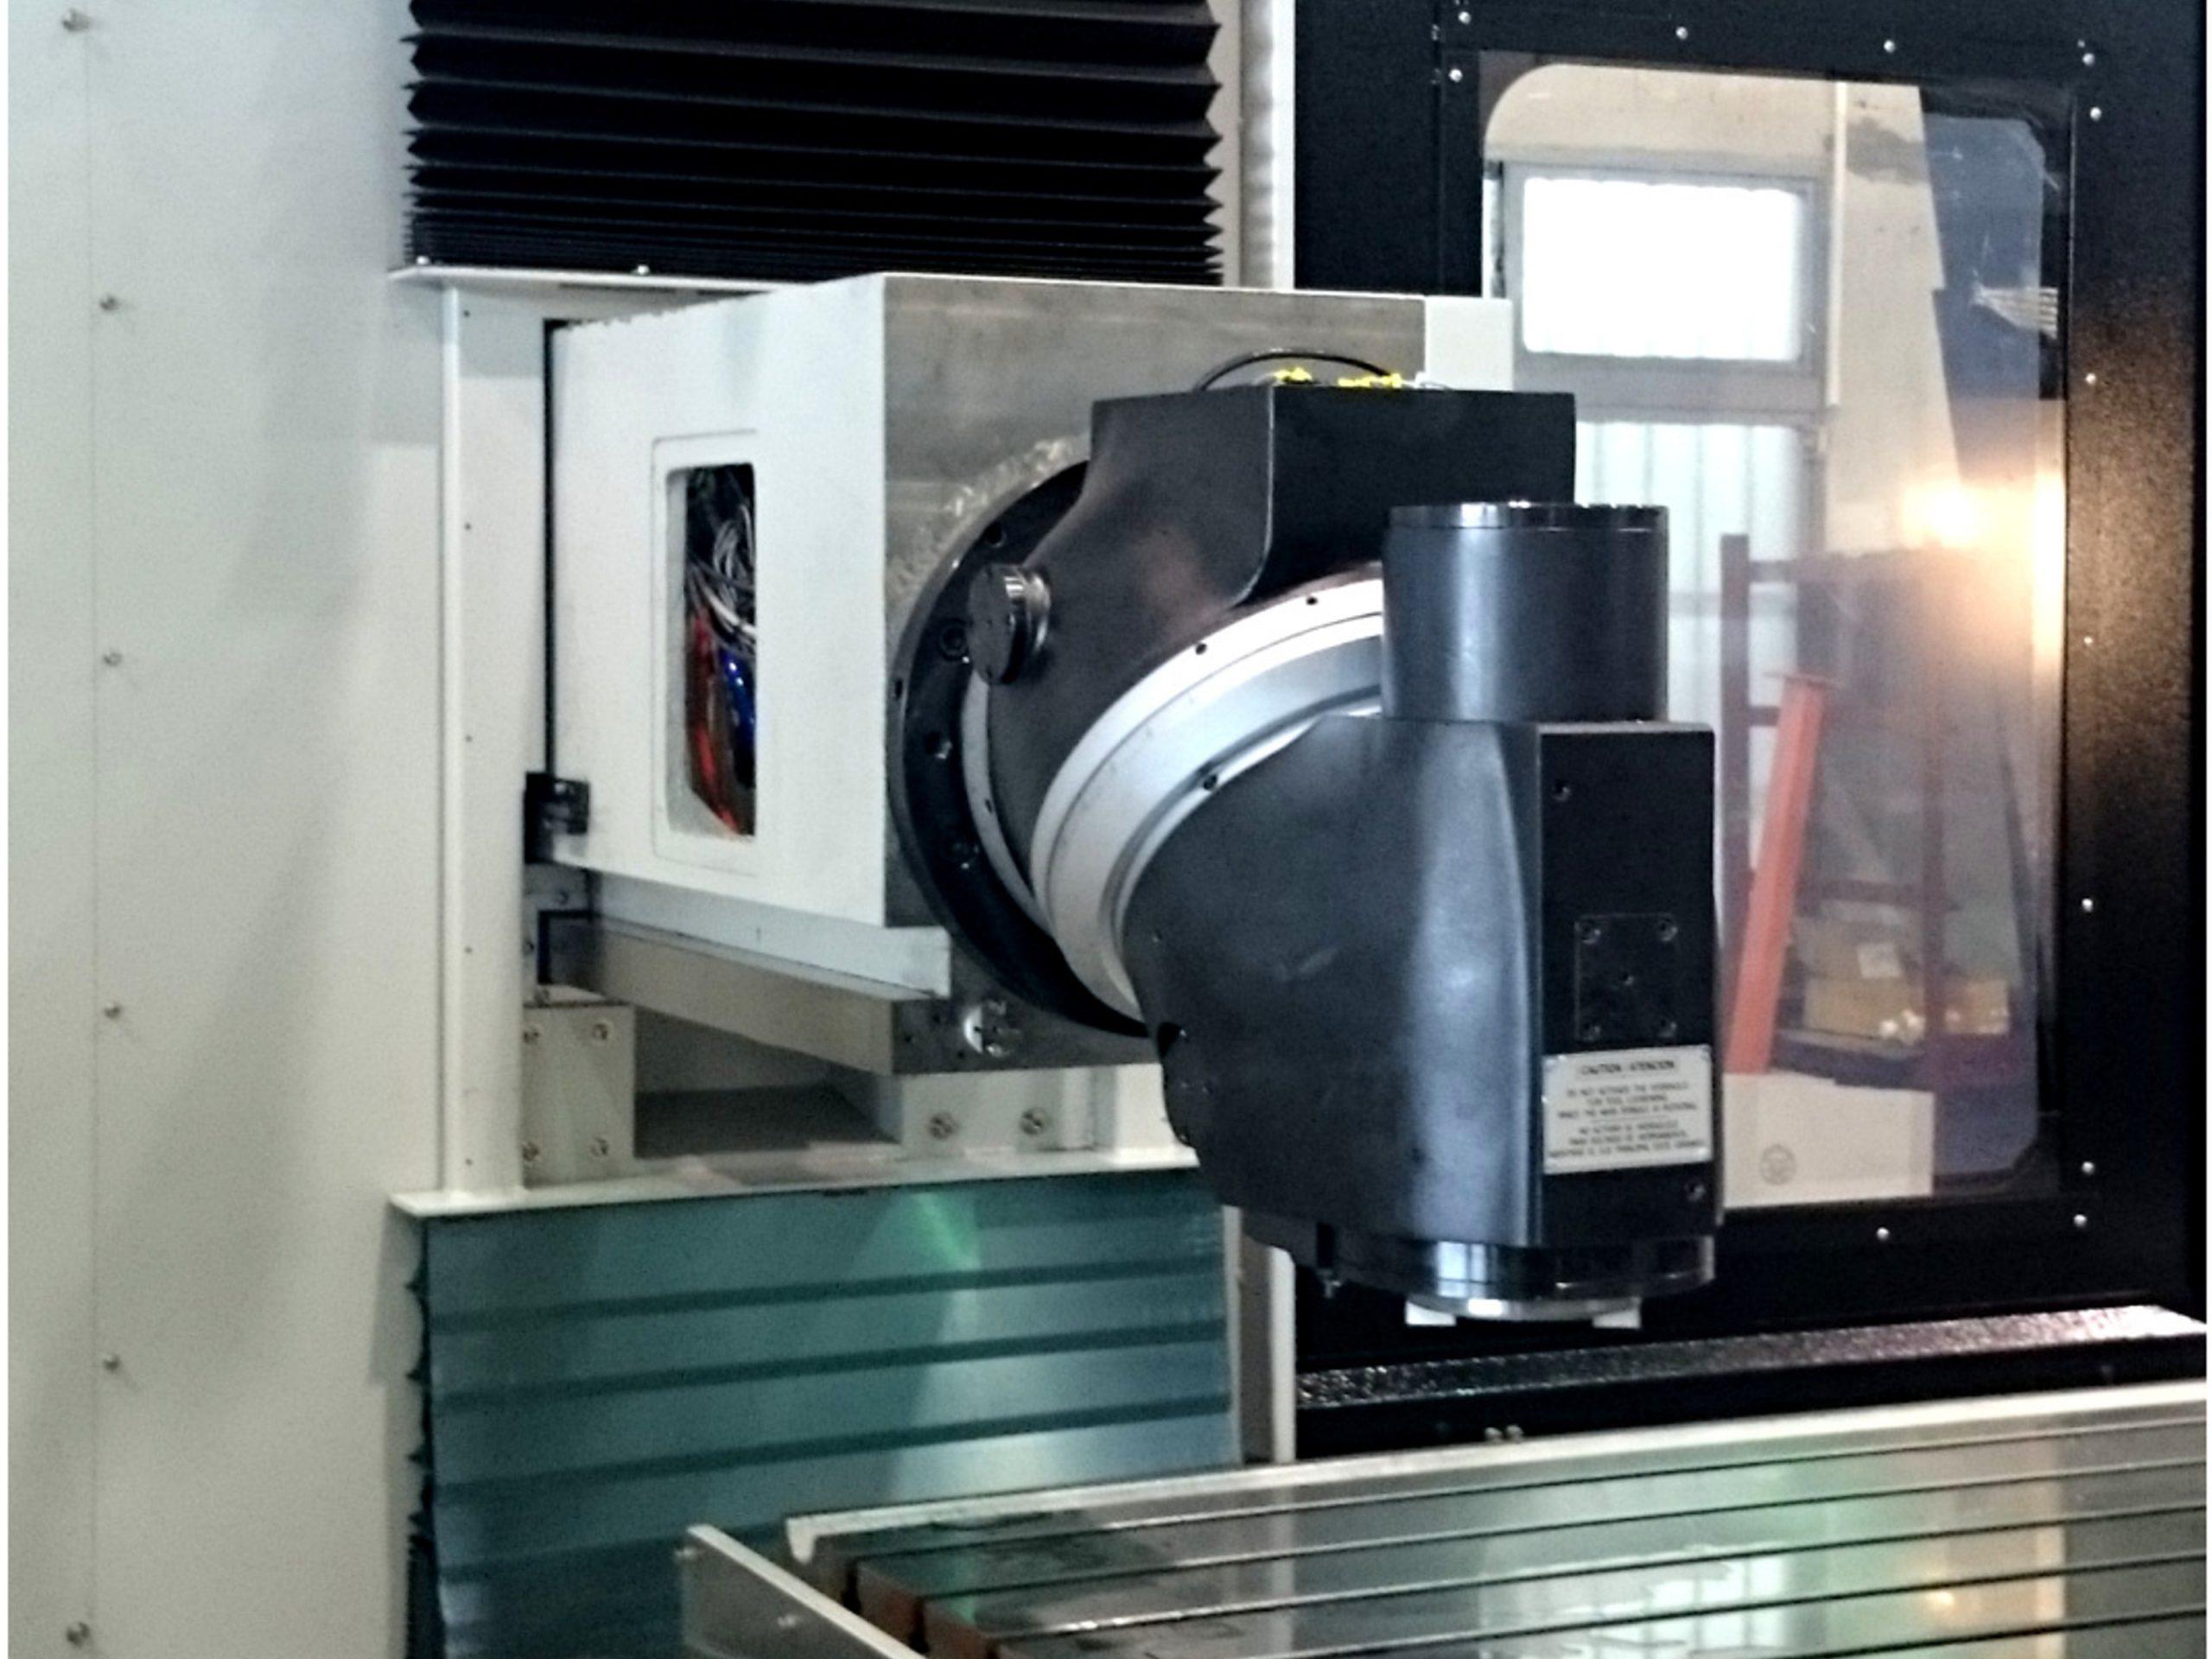 EMENA cabezal de fresado milling head VGCI-6 en maquina 1